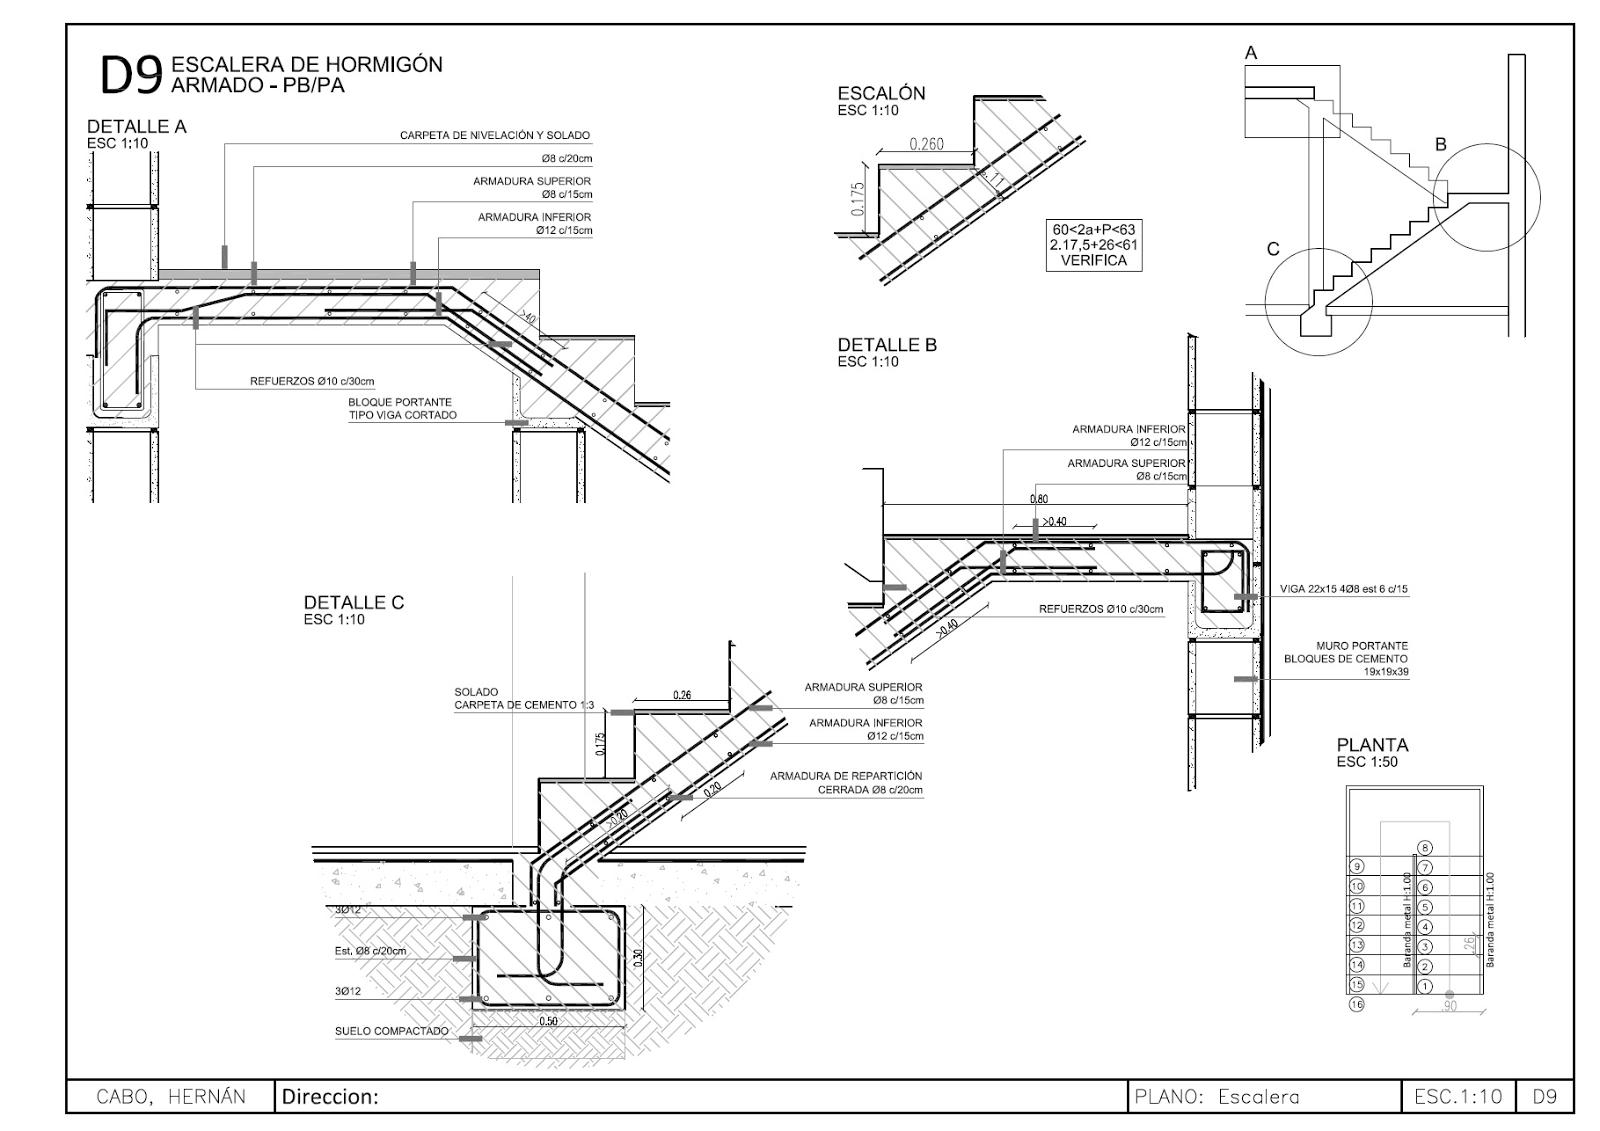 Detalles constructivos cad escalera de hormig n armado de for Planos de escaleras de concreto armado